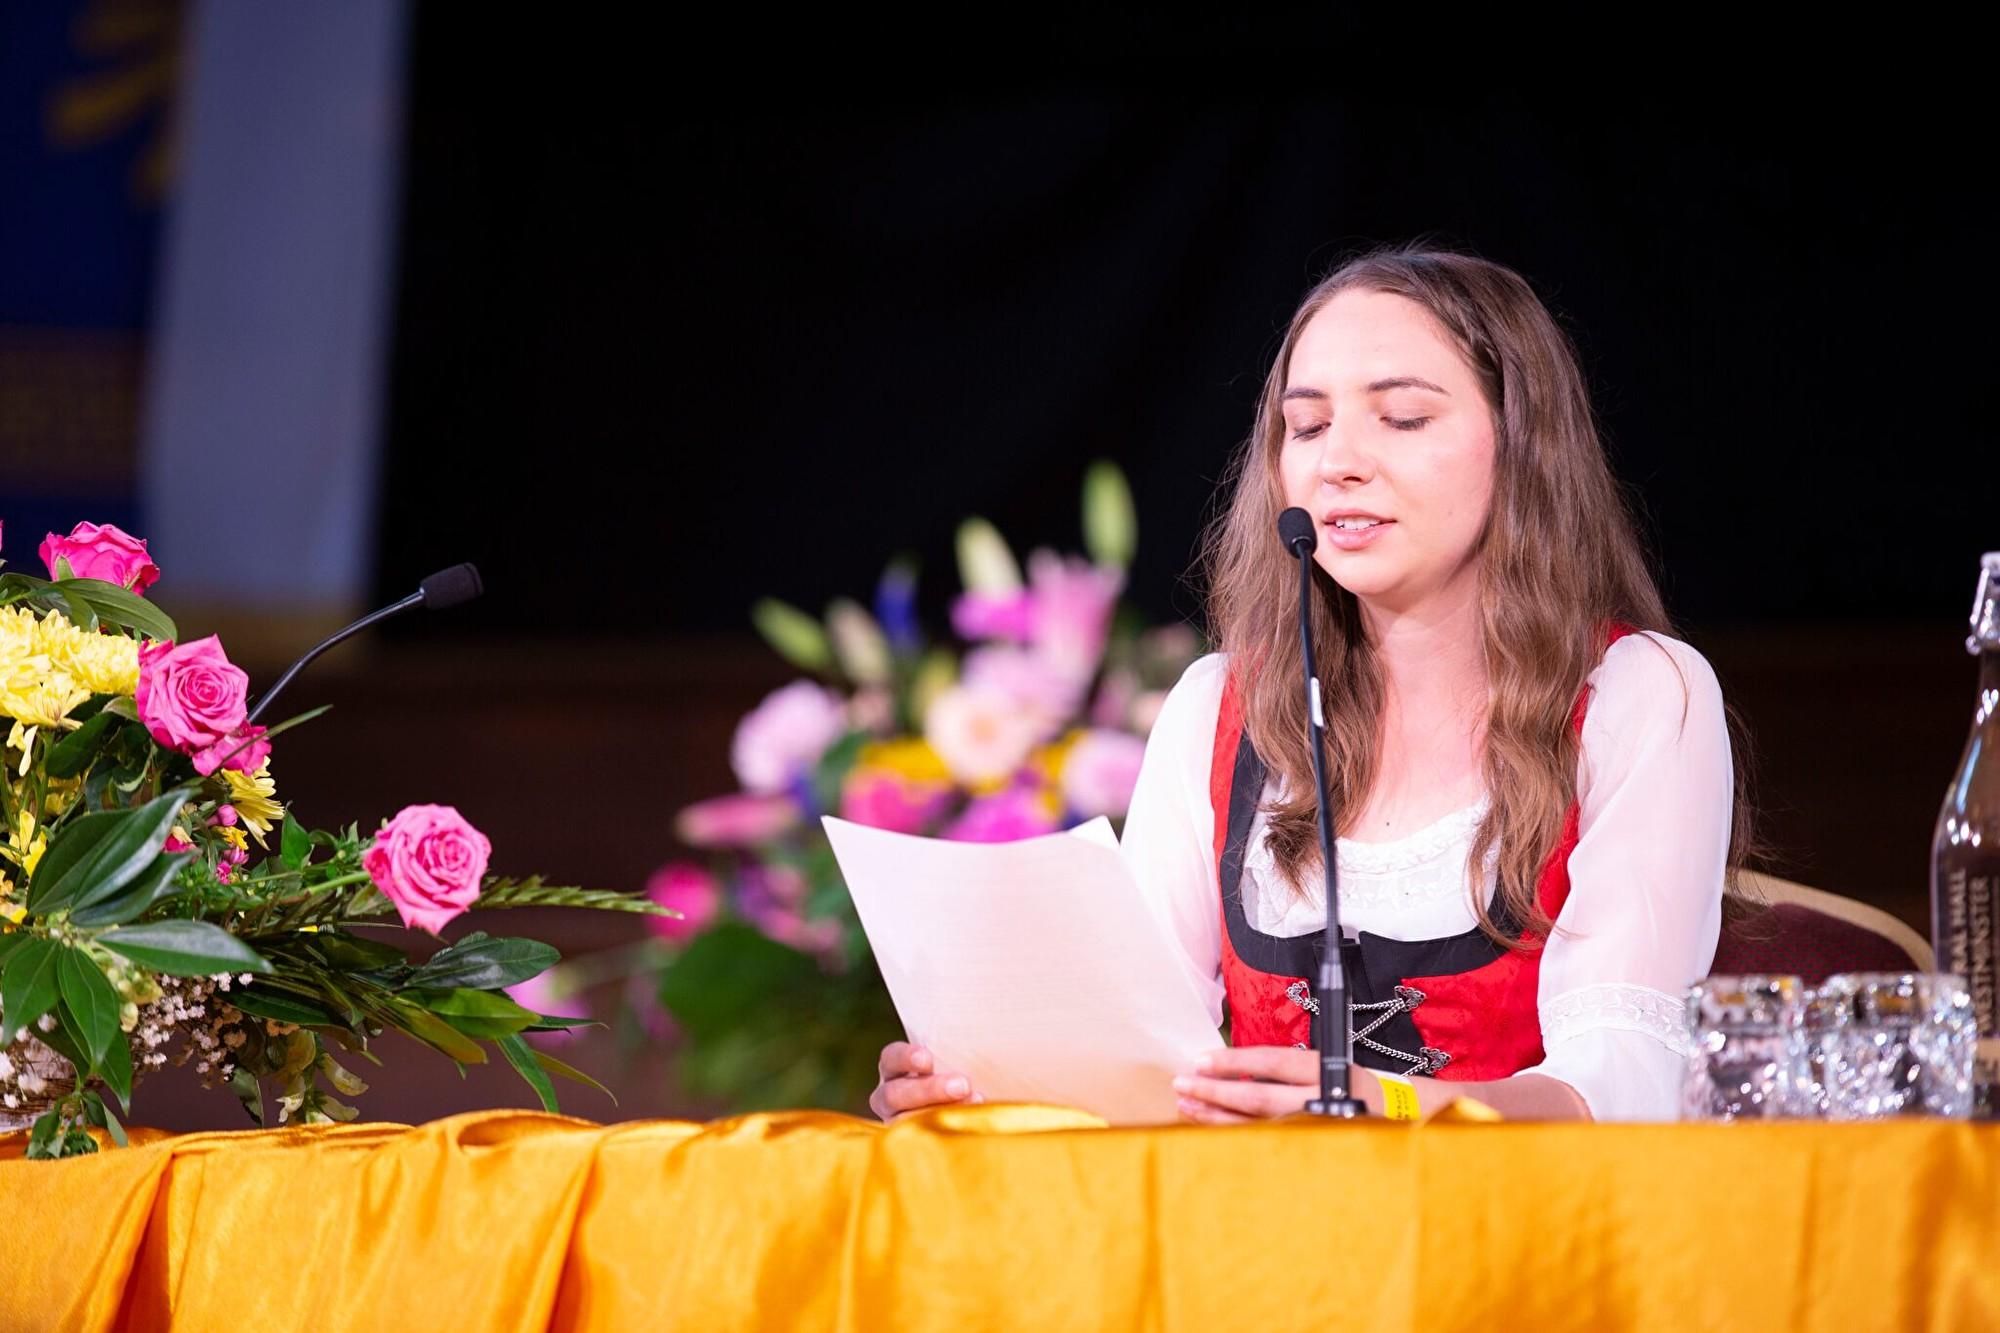 8月31日,來自奧地利的克里斯蒂娜‧施皮爾克(Christina Spirk)在2019年歐洲法輪大法心得交流會上發言。(曉龍/大紀元)